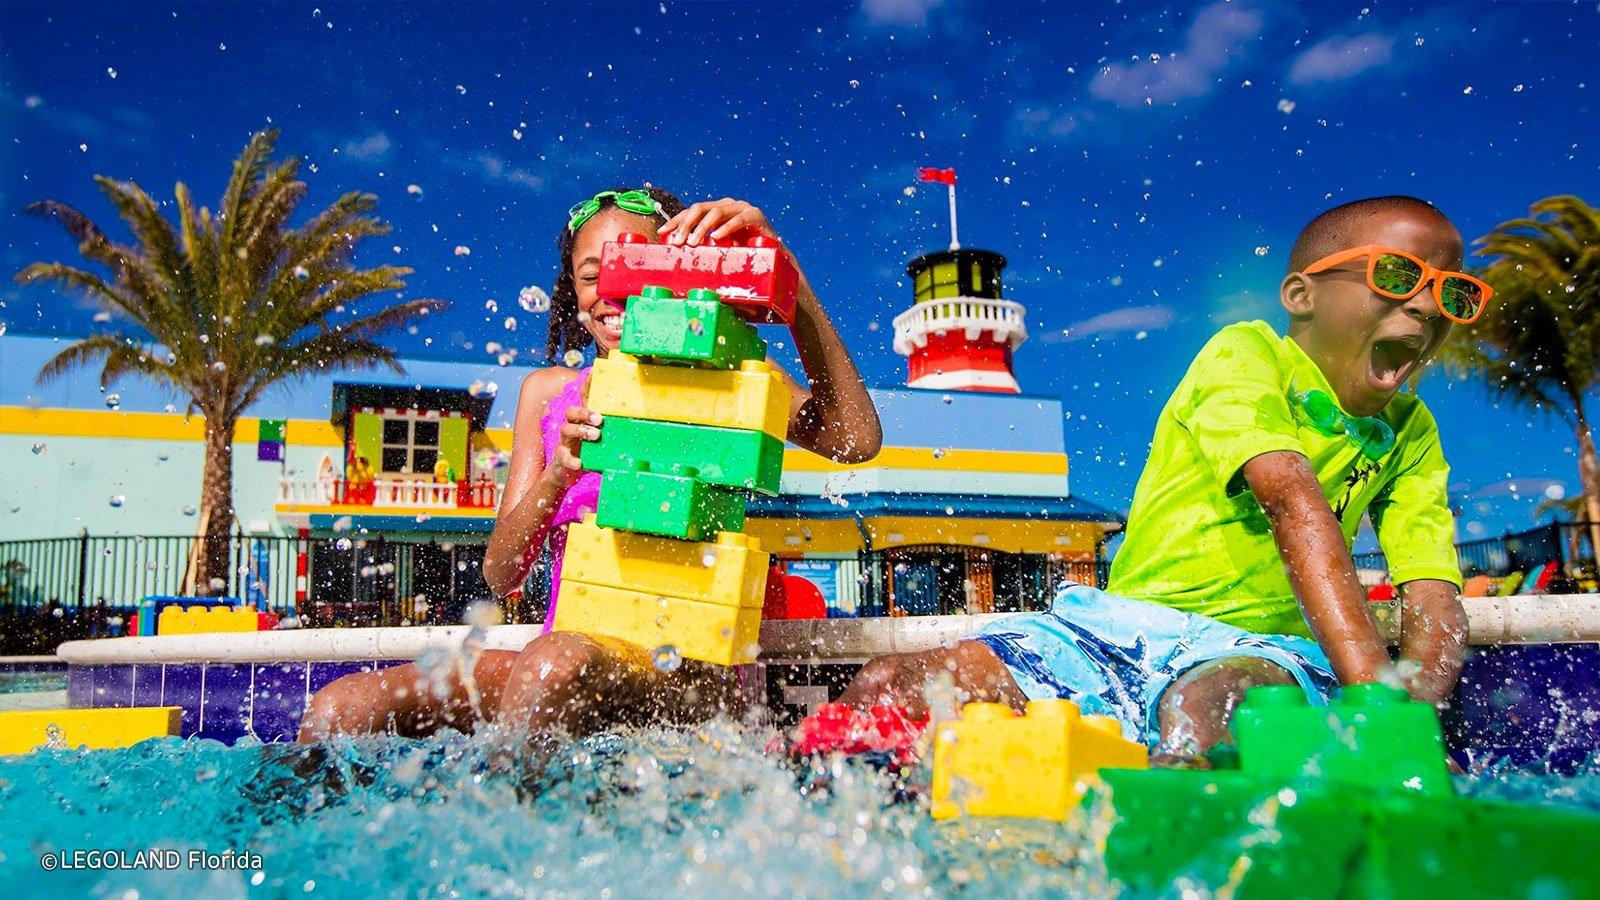 Upbeat News - Lego Movie World Opens At Legoland Florida